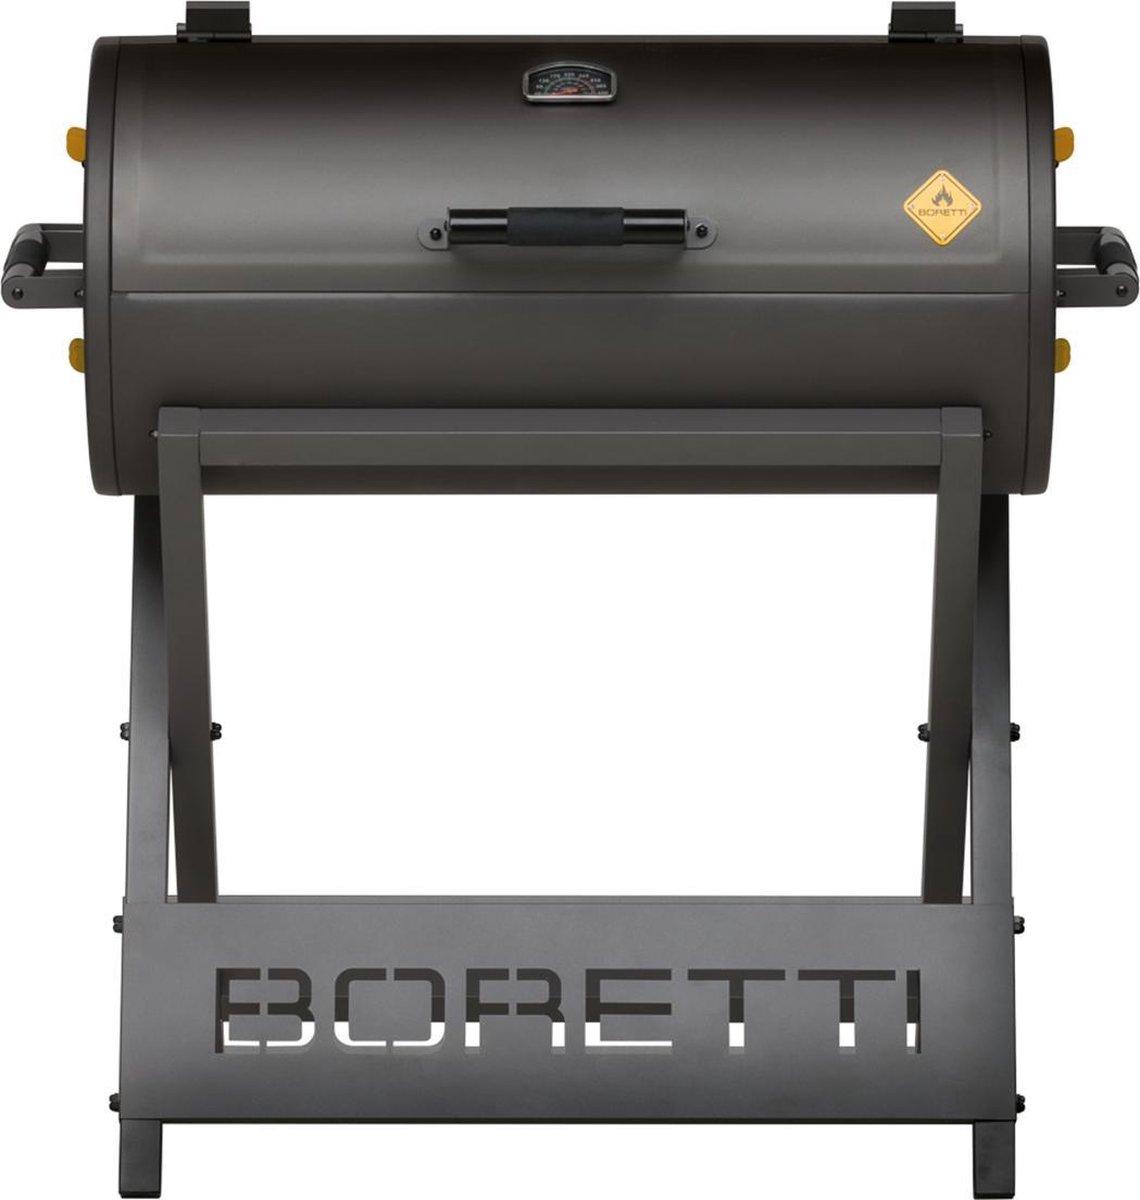 Boretti Barilo Houtskool Barbecue - Grilloppervlak (LxB) 84 x 41 cm - Inclusief Thermometer - Antrac